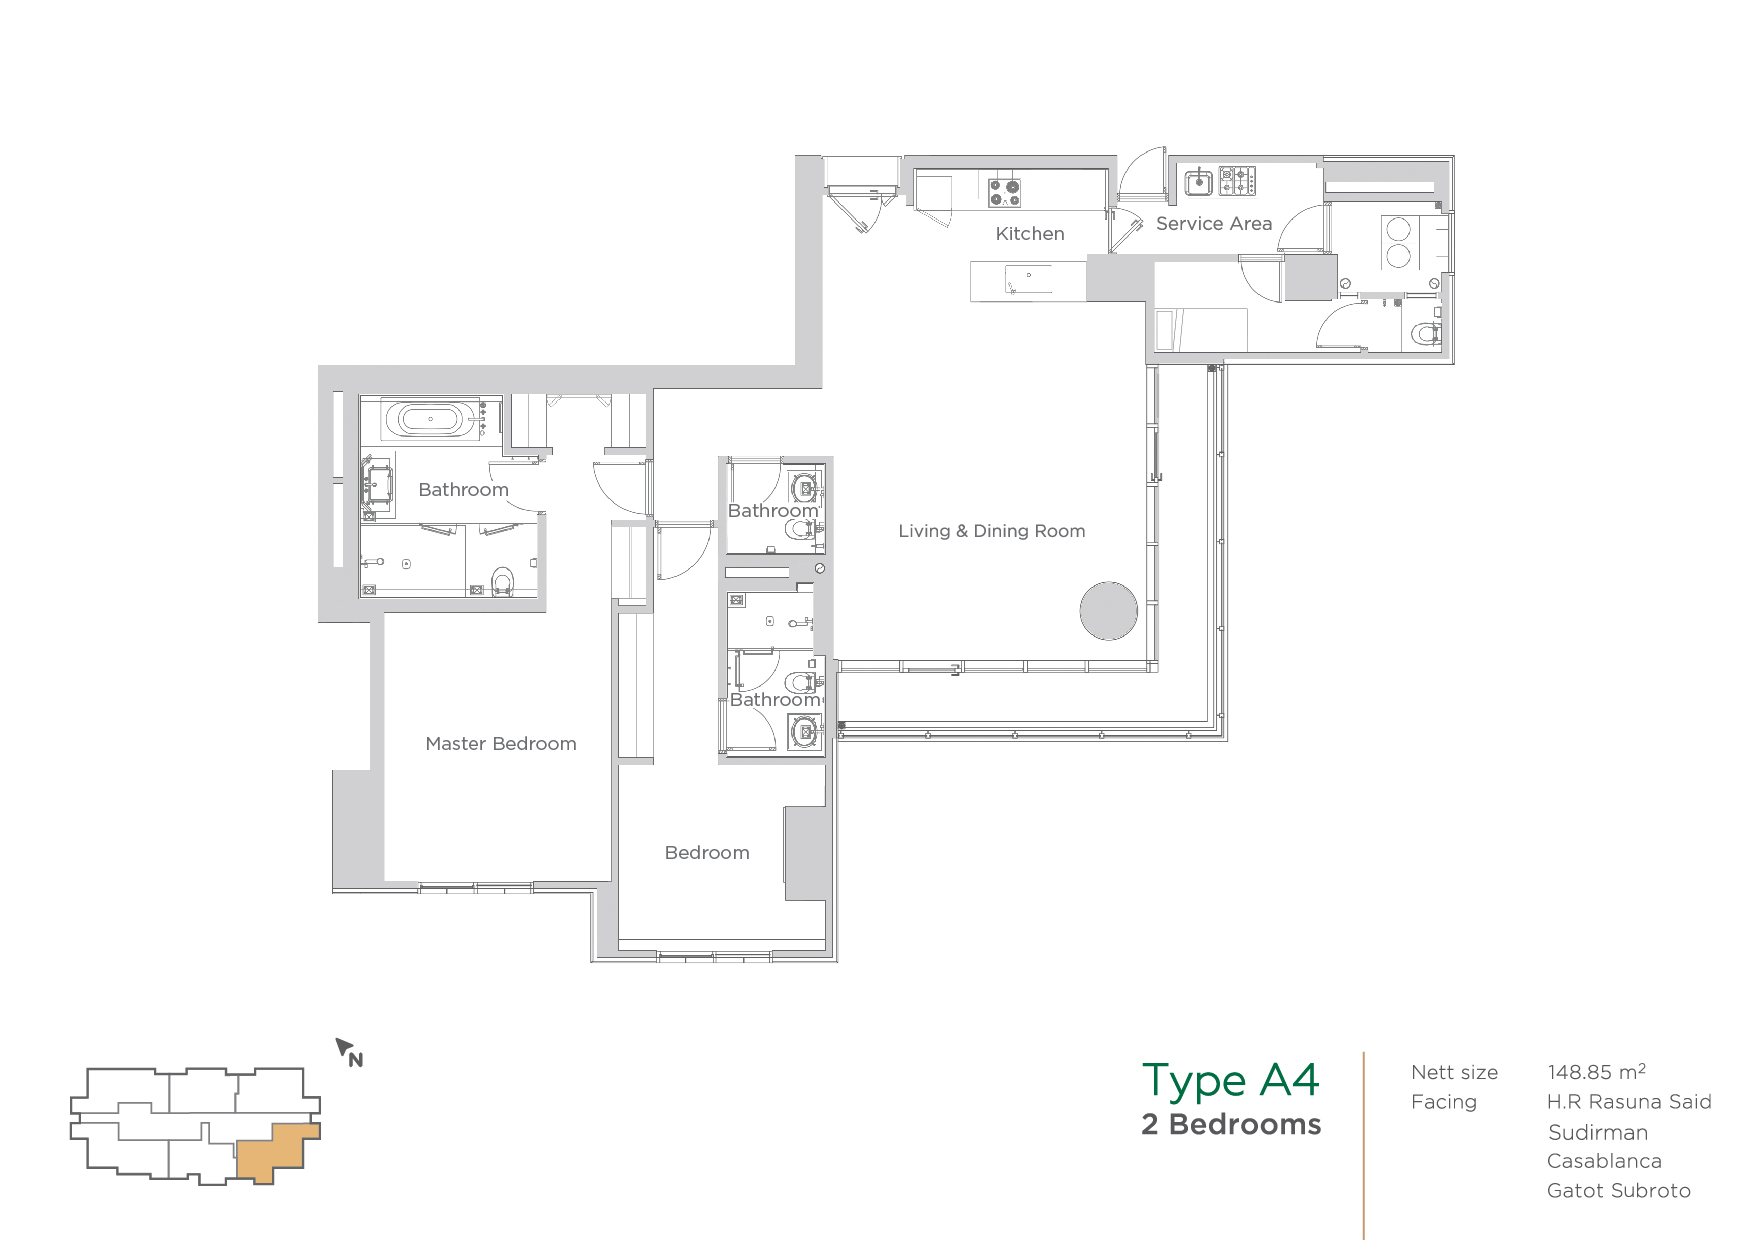 terraverde unit layout A4